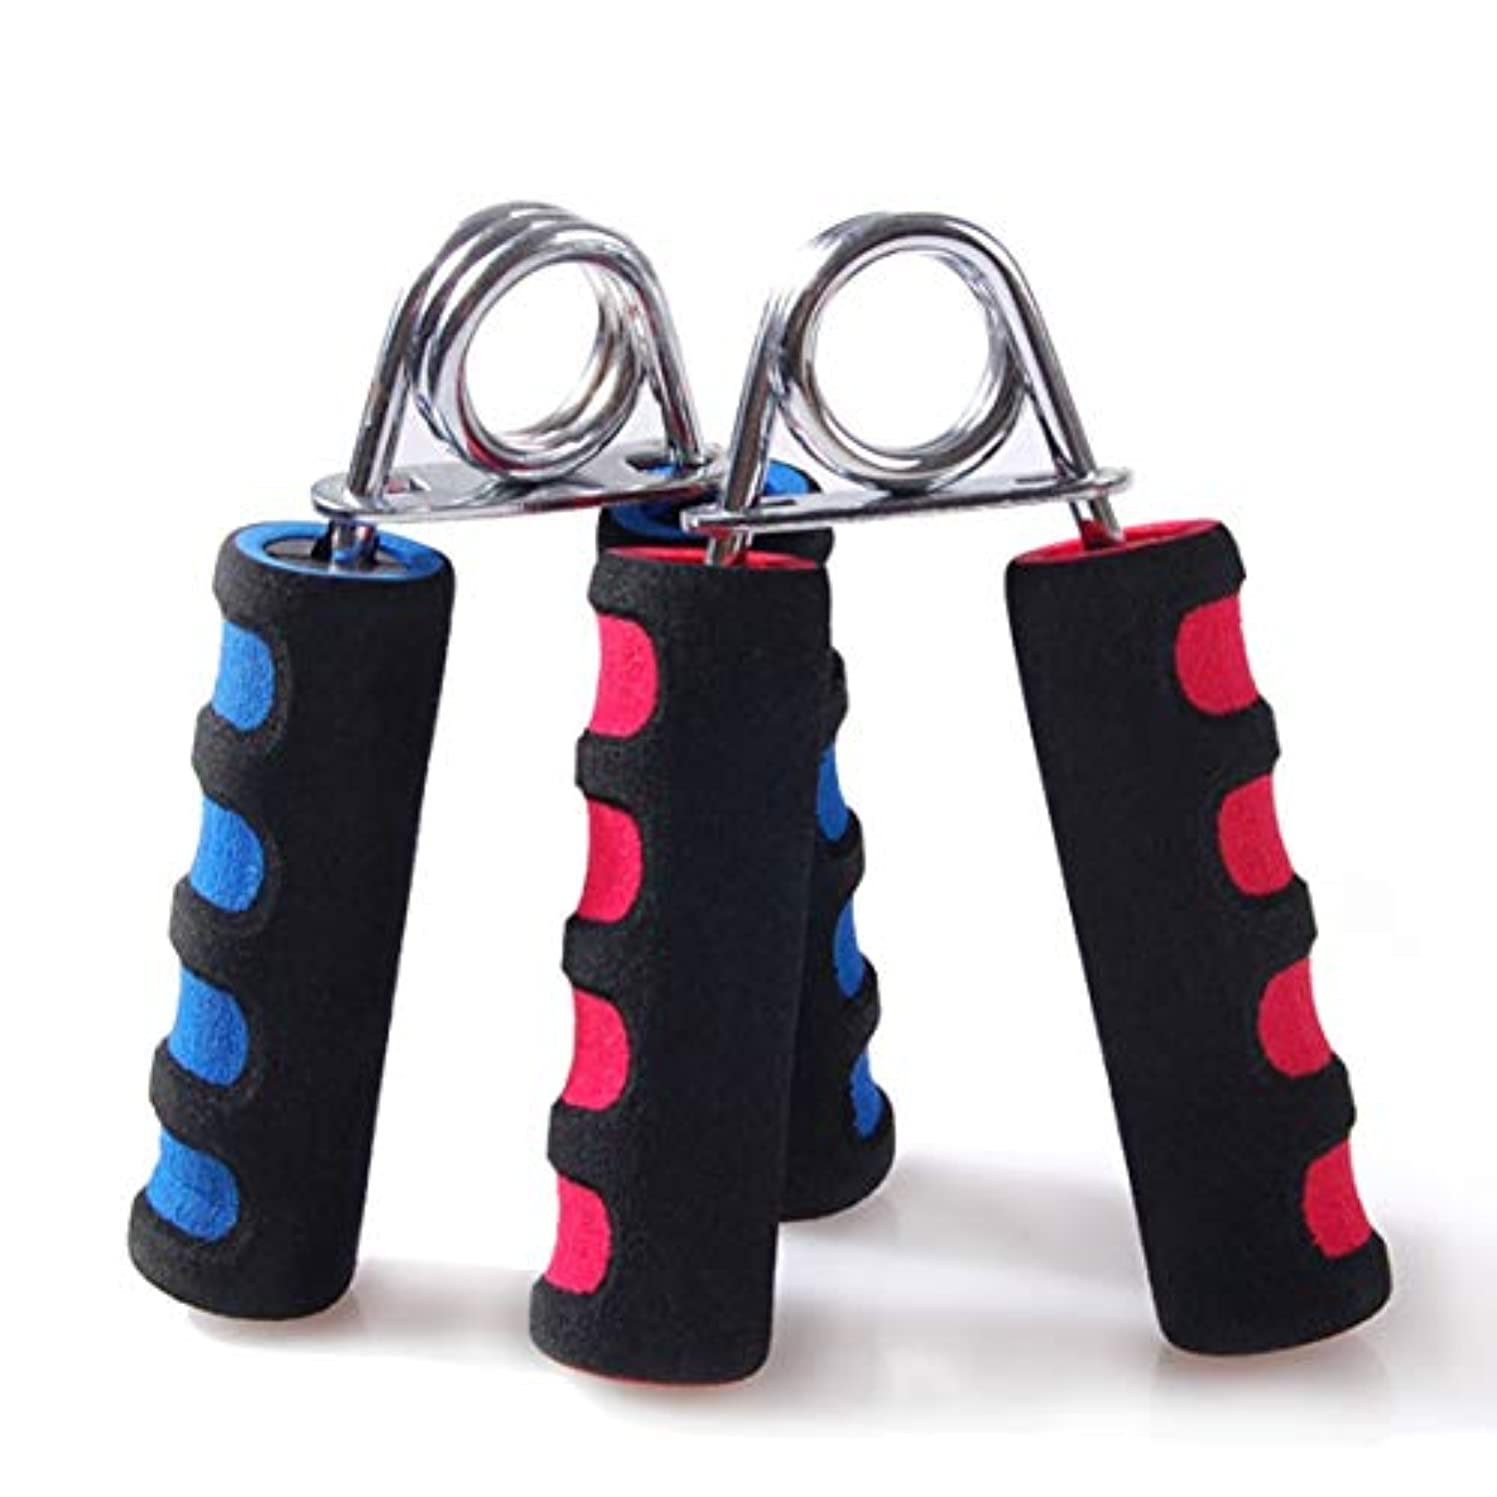 素晴らしさ治す便宜ハンドグリッパーアーム手首エクササイザフィットネスグリップジムと毎日の運動のためのヘビーストレングストレーナー - カラーランダム